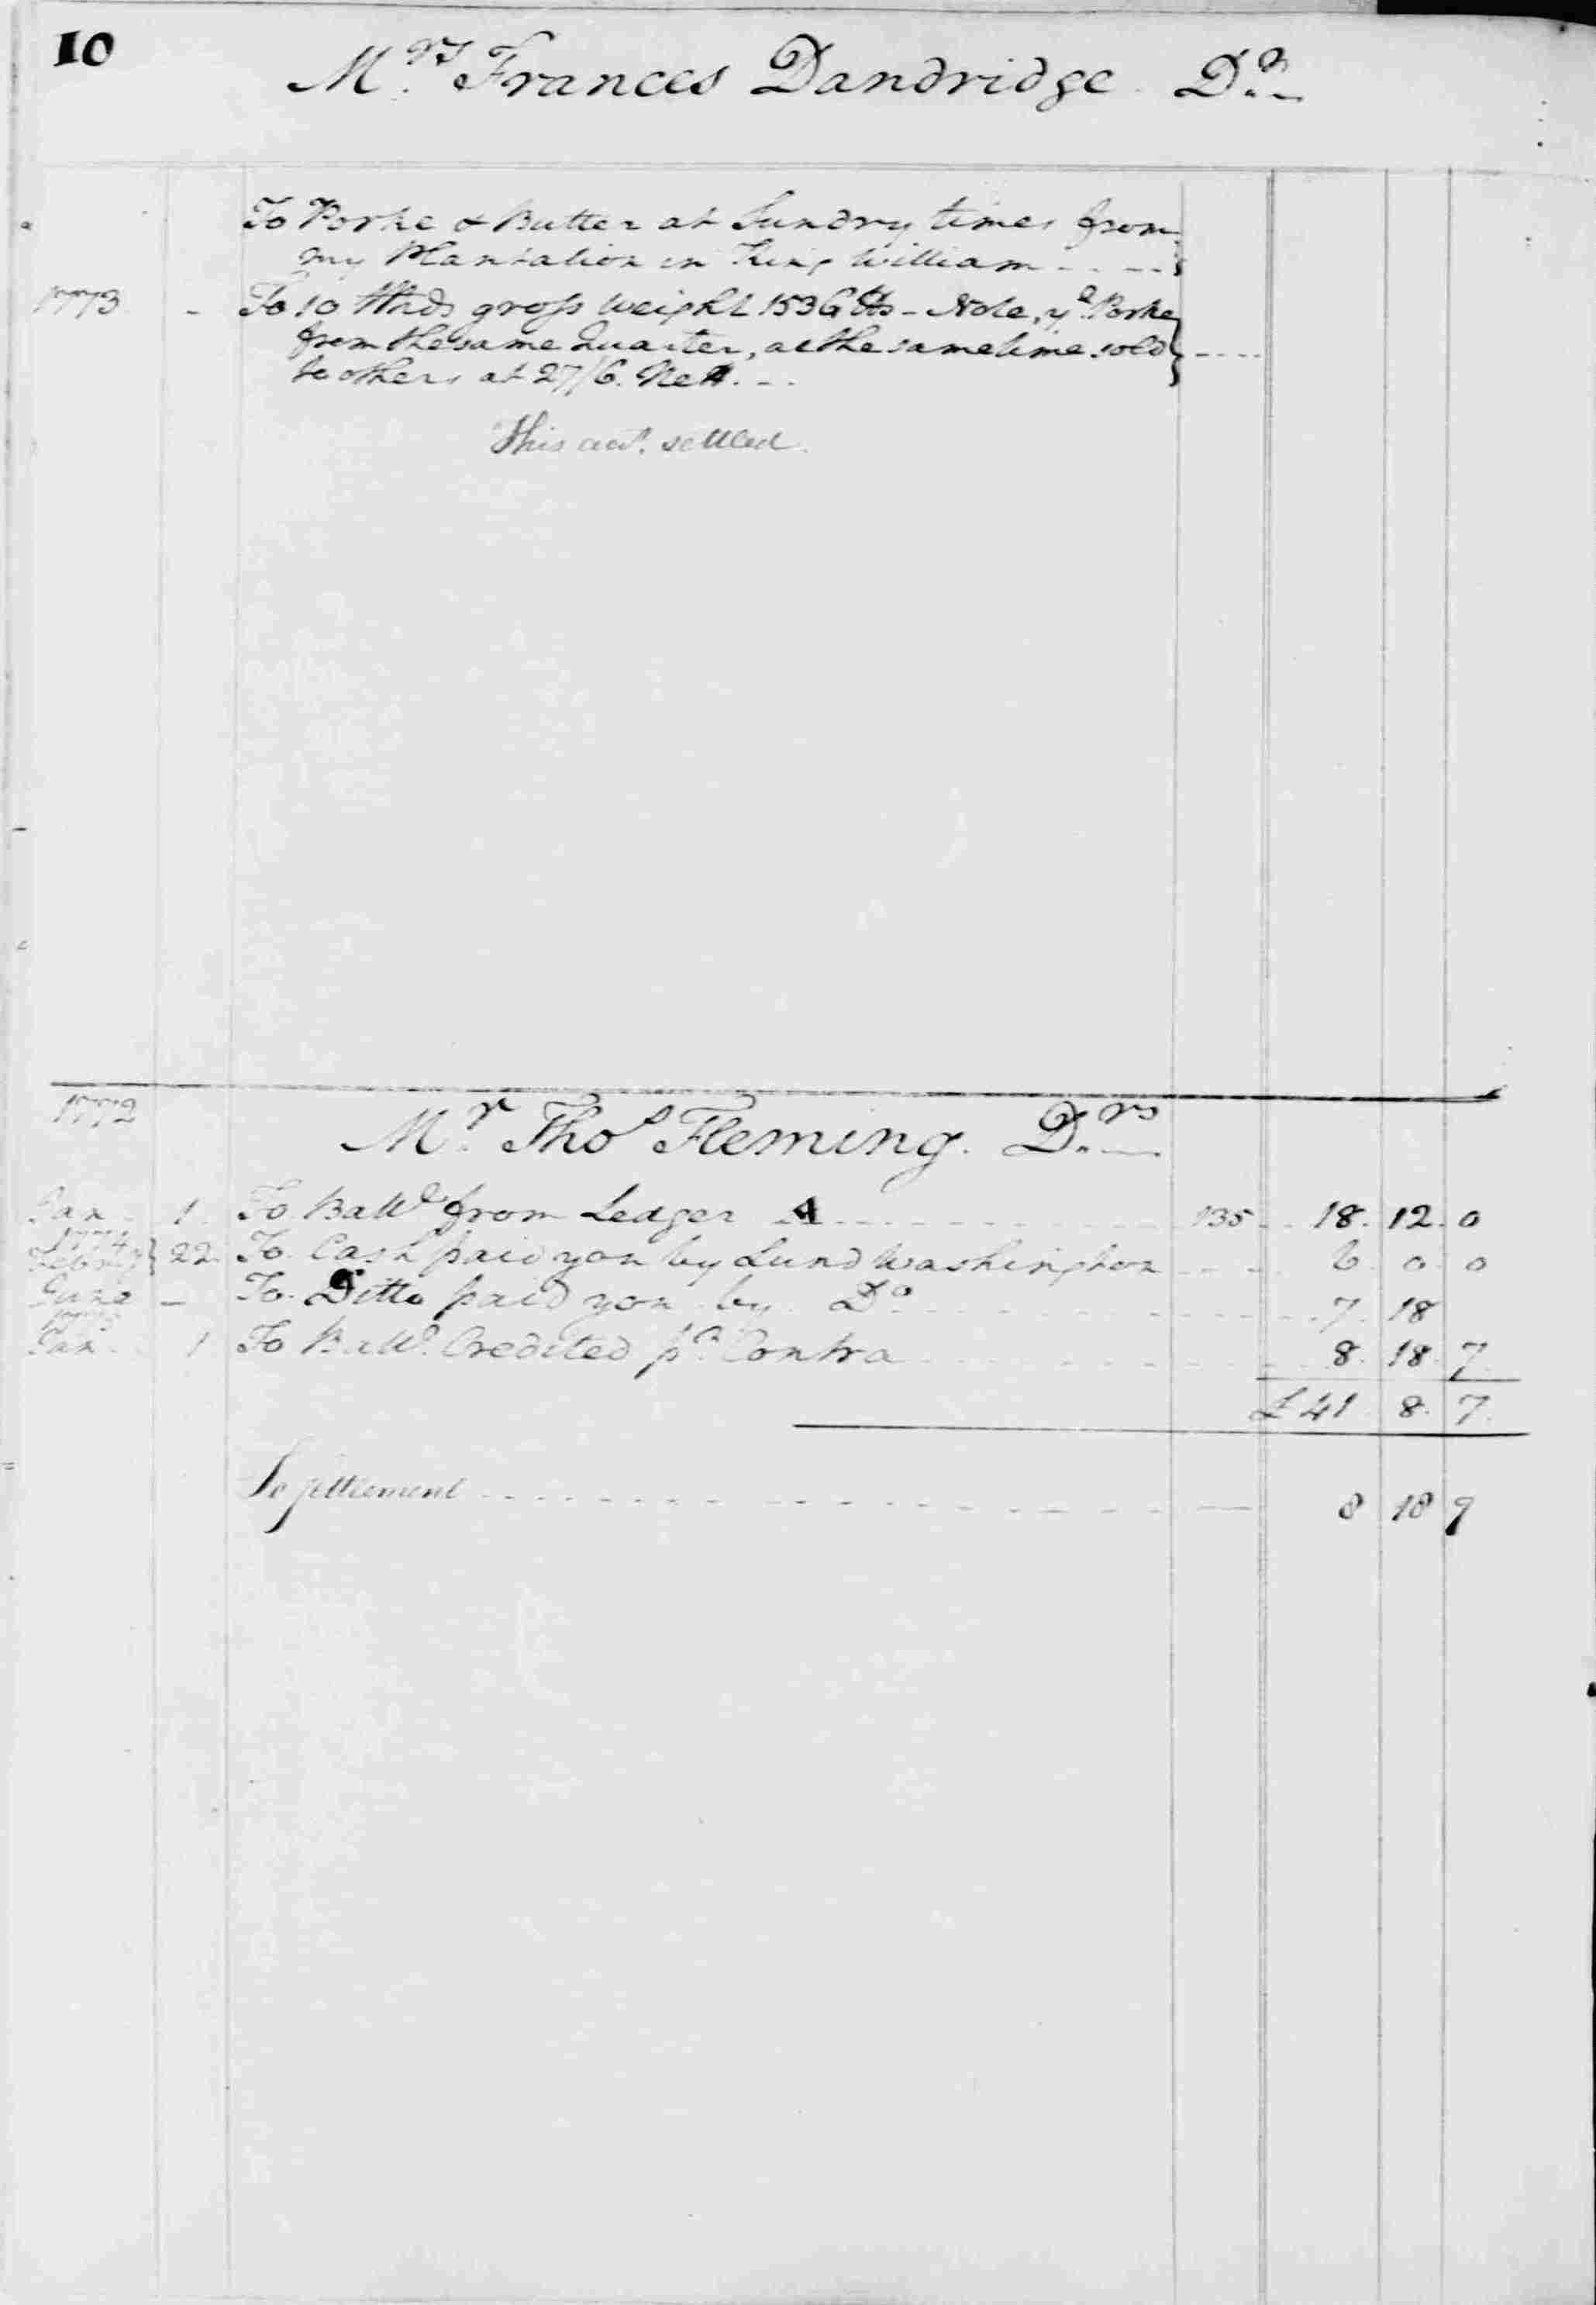 Ledger B, folio 10, left side